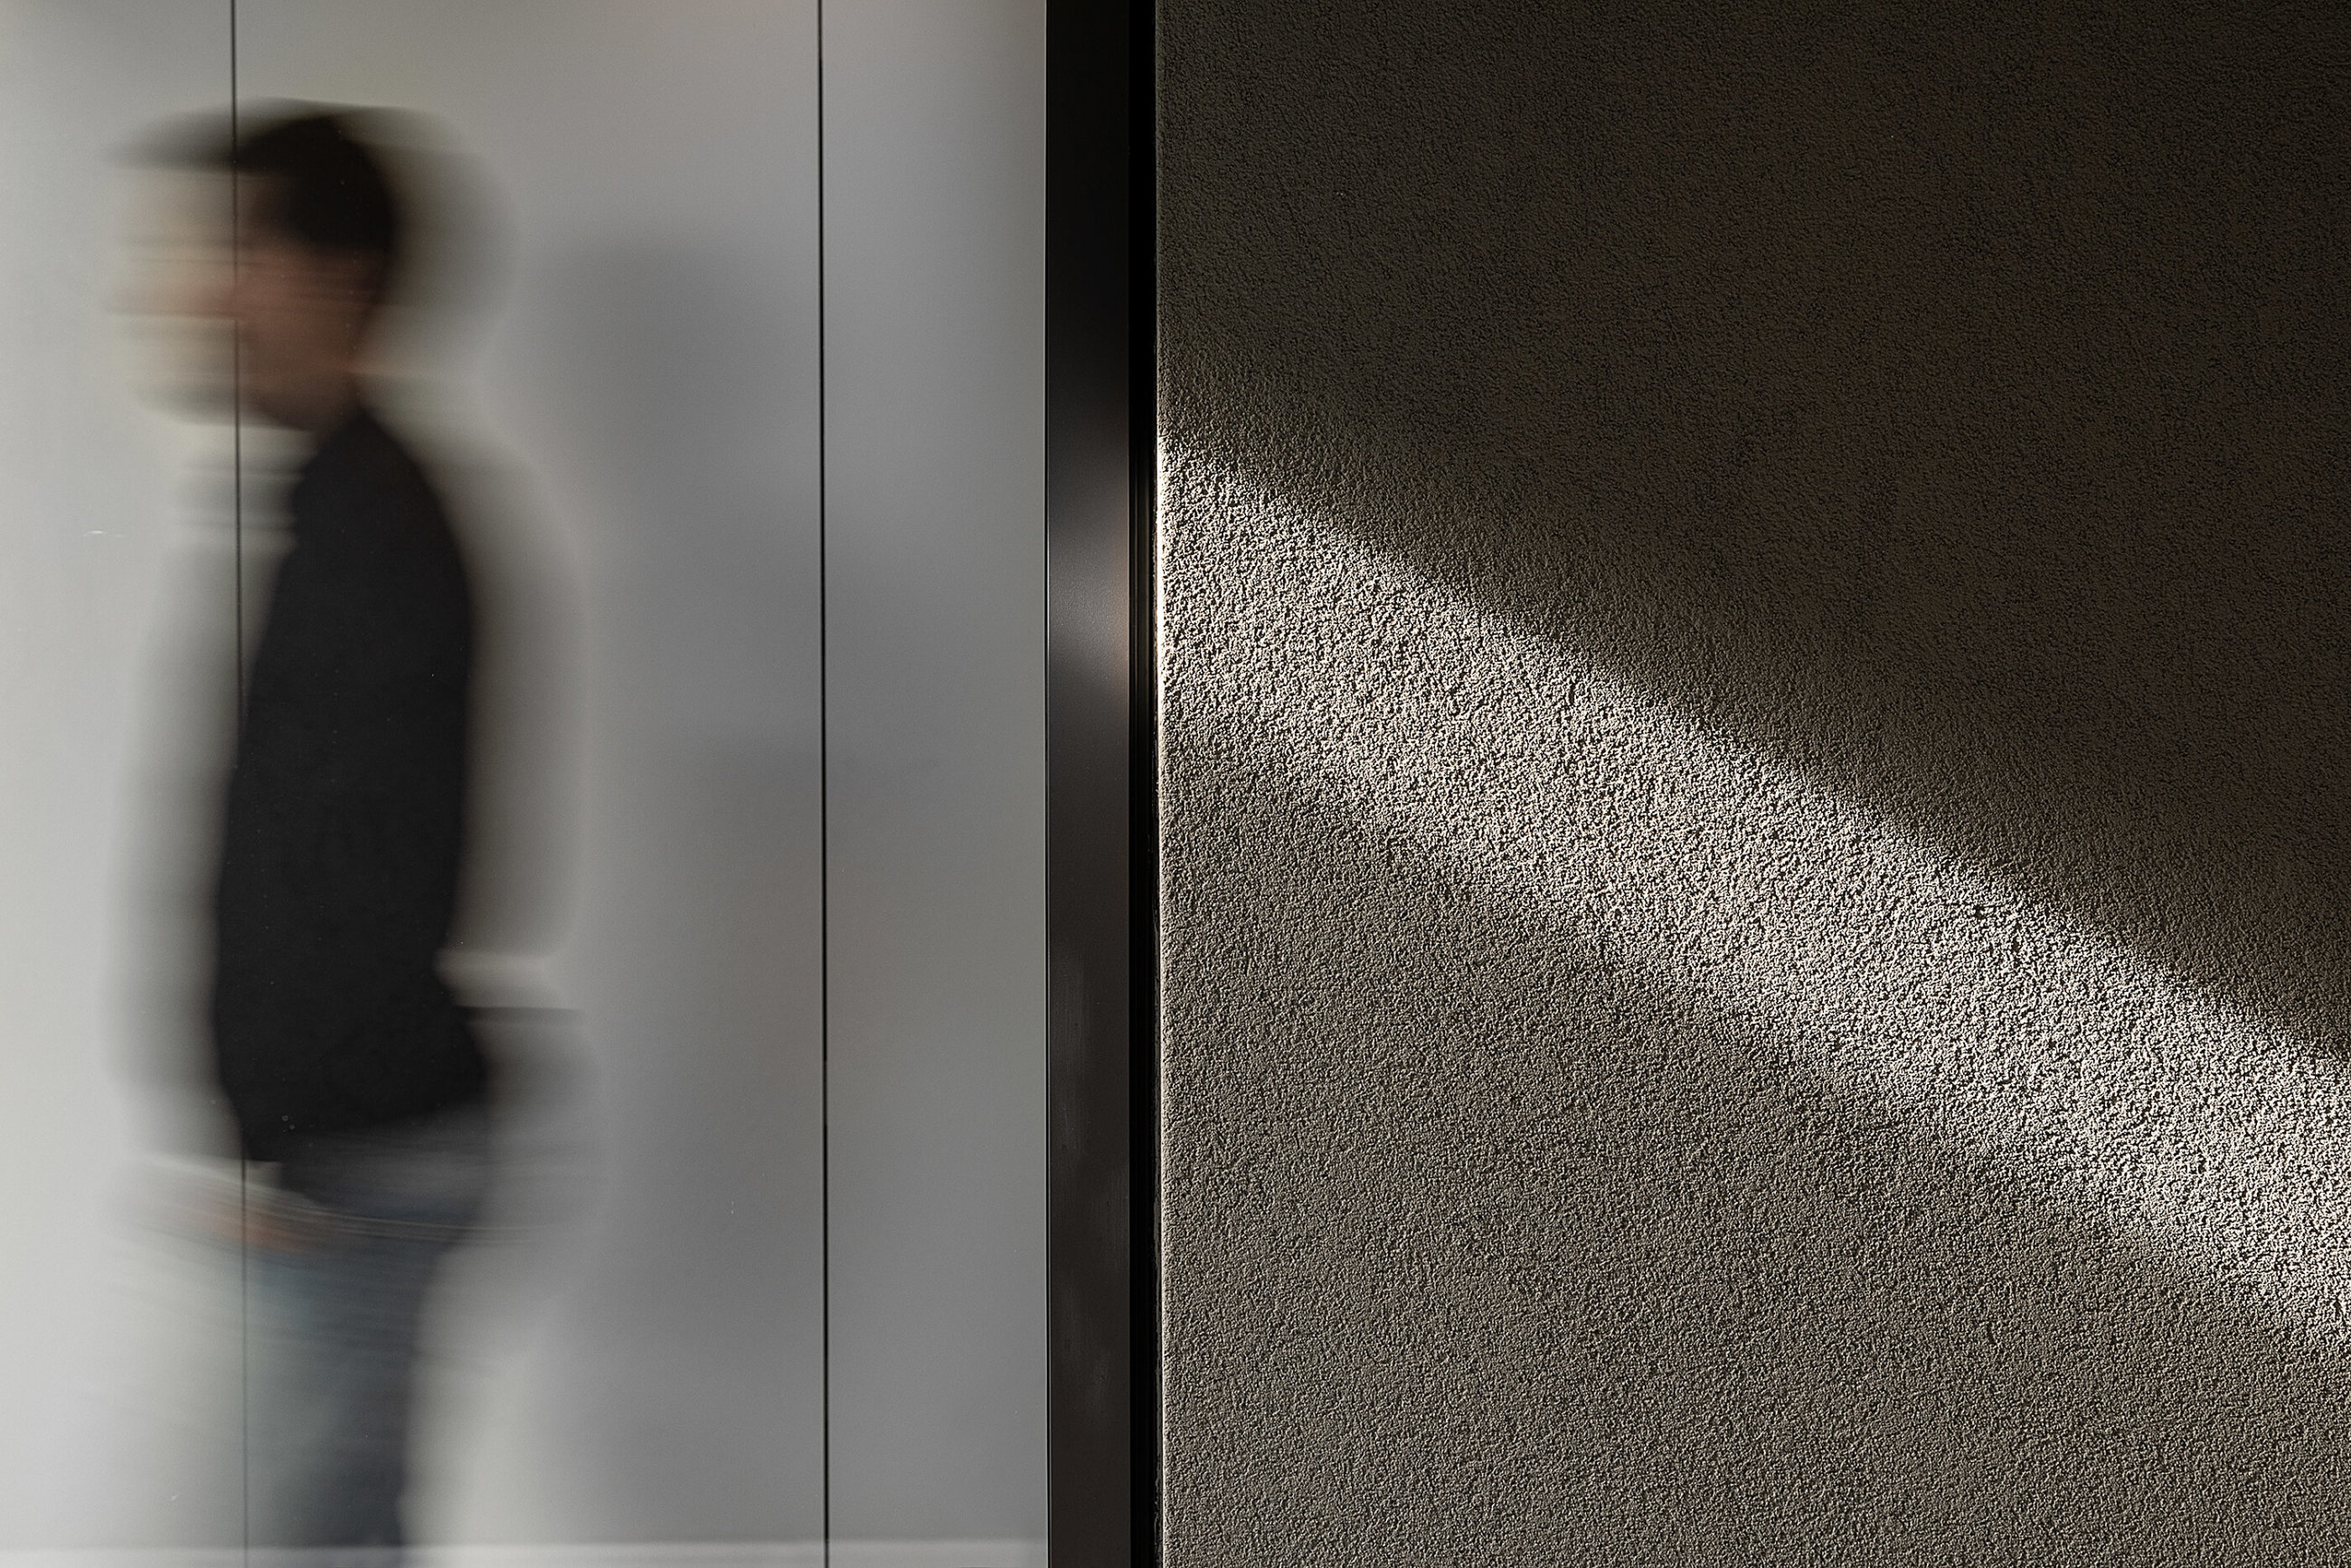 Reportagem Fotografia de arquitectura portuguesa fotografo Ivo tavares studio projecto Casa GR de Paulo Martins